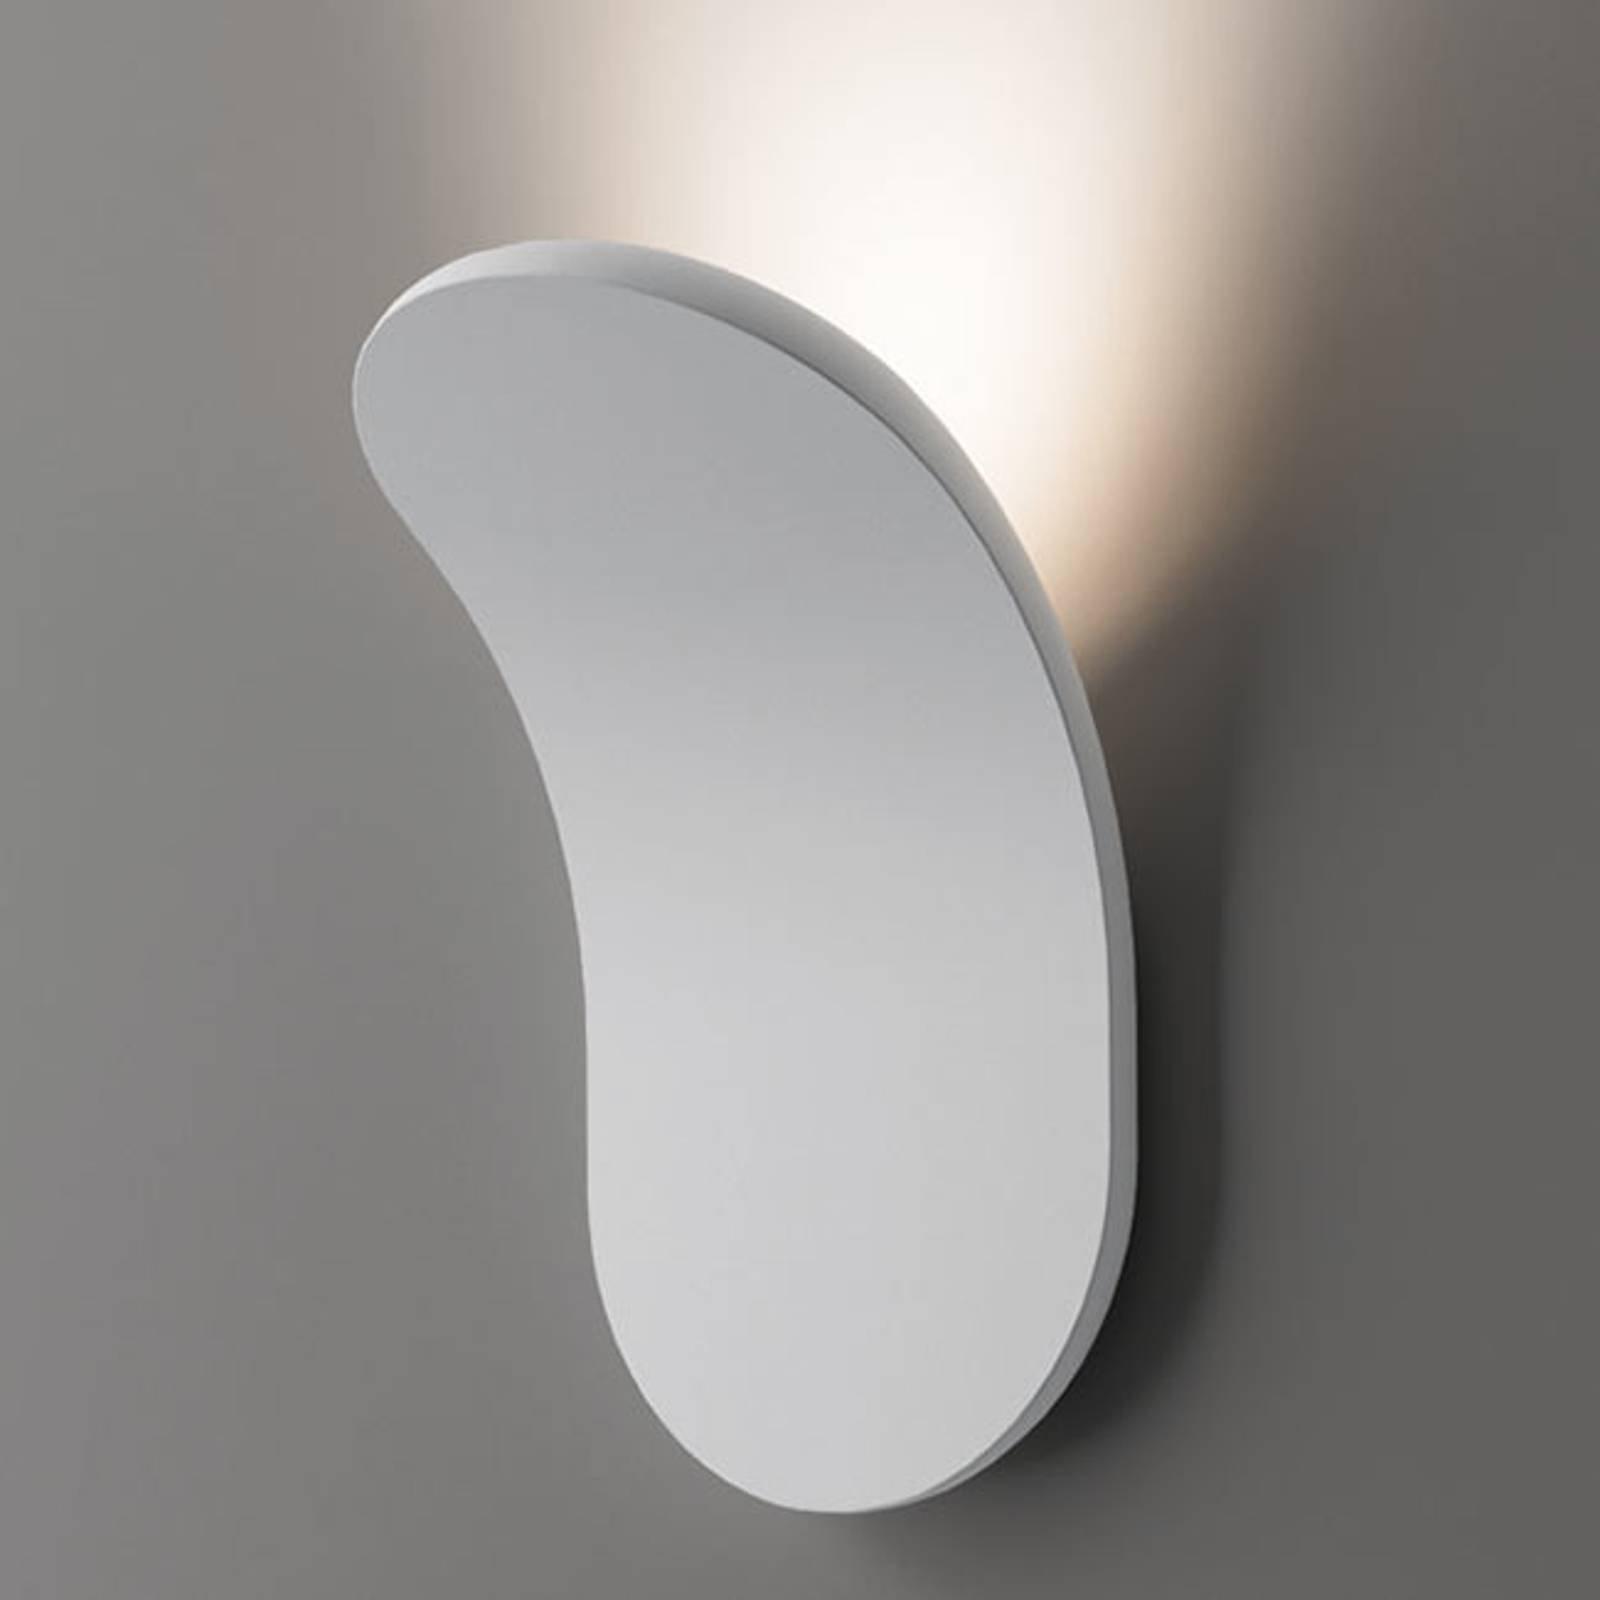 Axolight Lik hvit LED-vegglampe